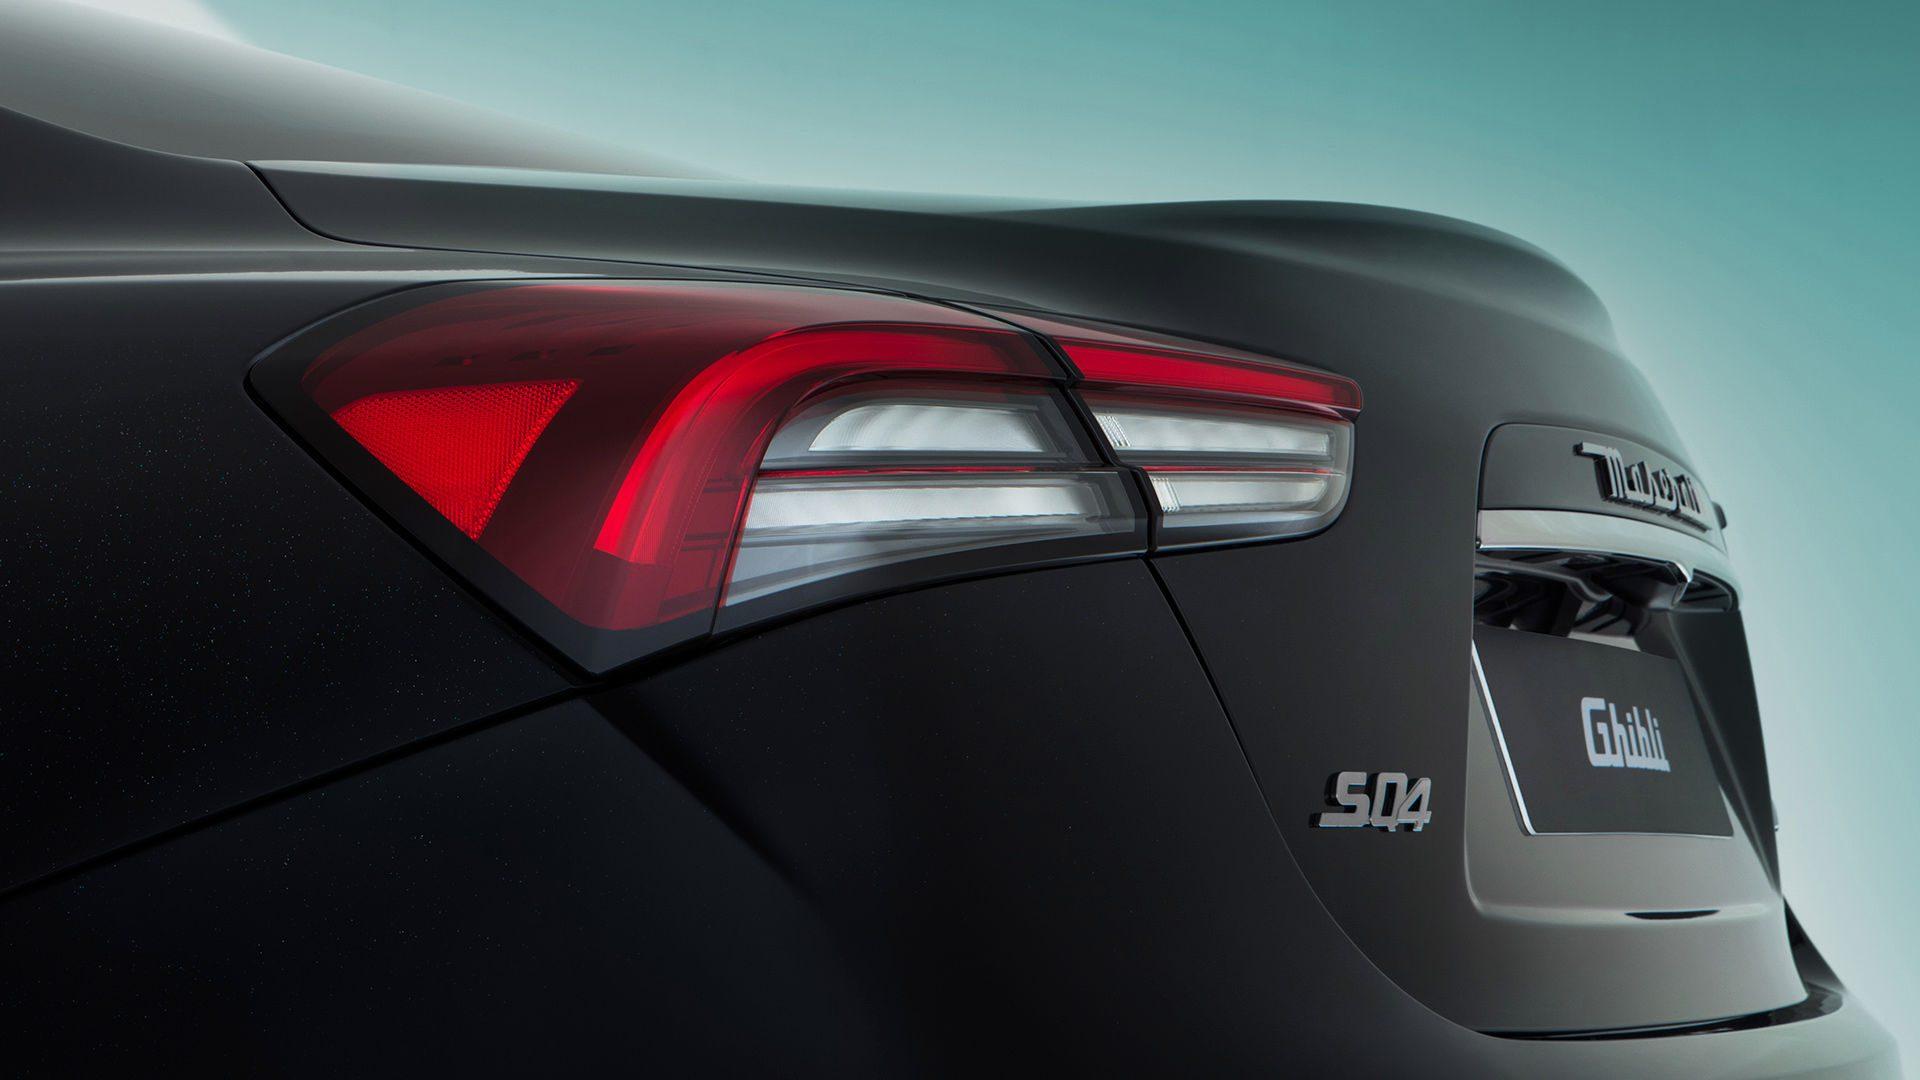 De 'boemerang'-achterlichten zijn geïnspireerd door de lichten van de Maserati 3200 GT, ontworpen door Giugiaro.